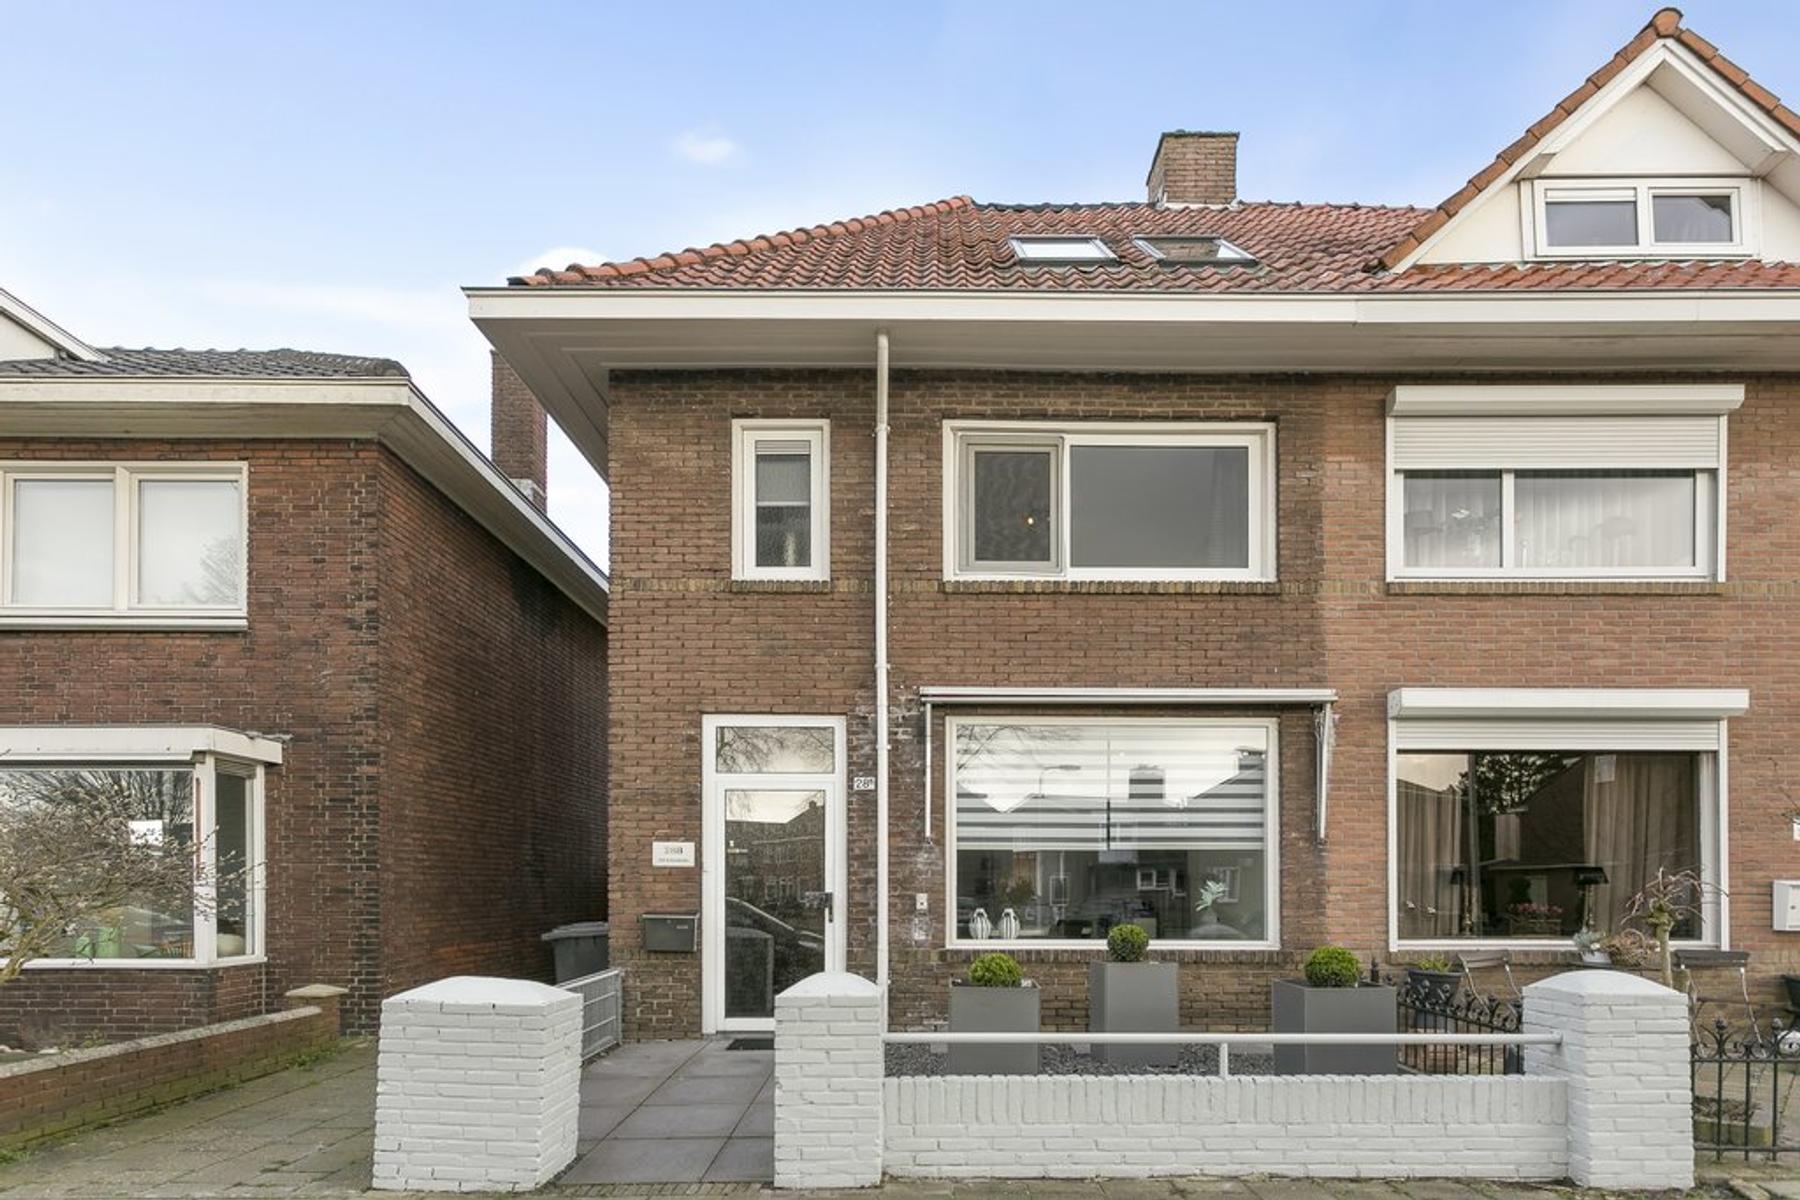 Dahliastraat 28 B in Enschede 7531 DL